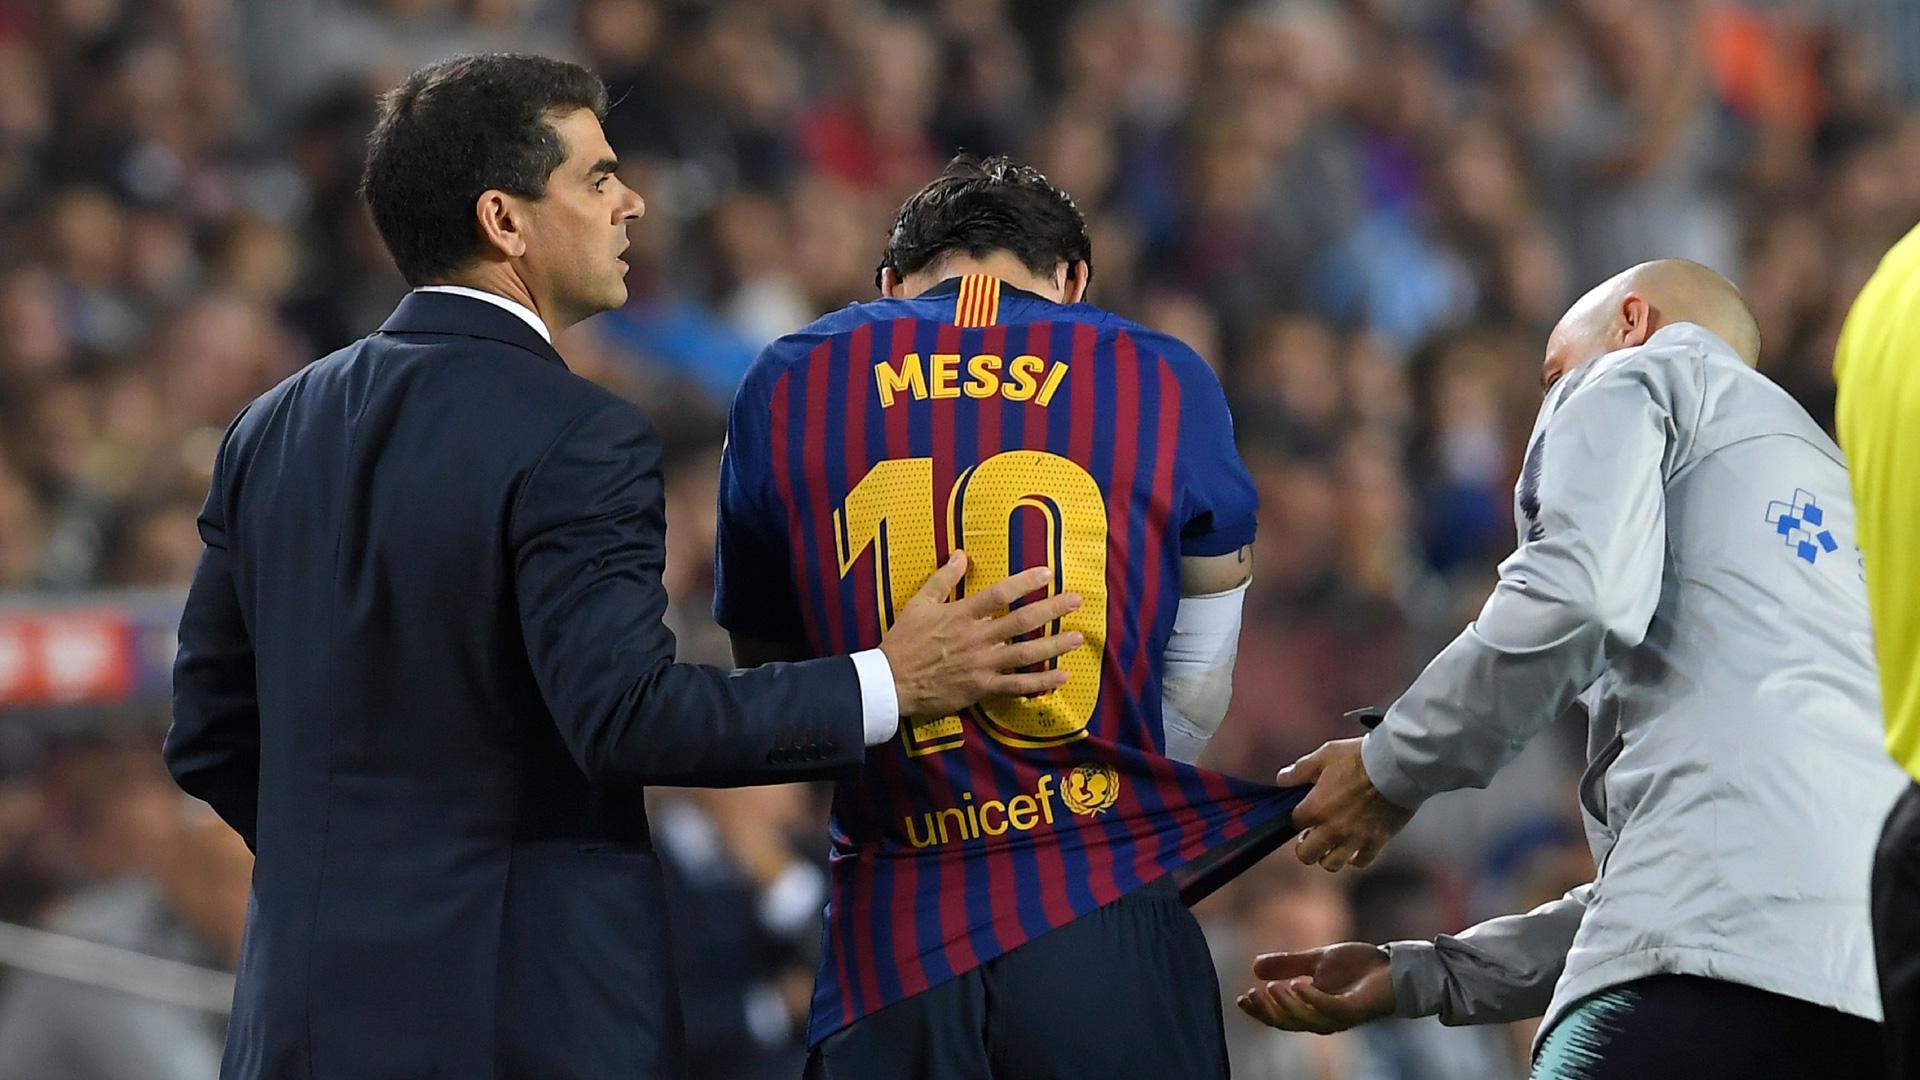 """Messi choc: addio al Barcellona: """"Costretti a separarci"""""""